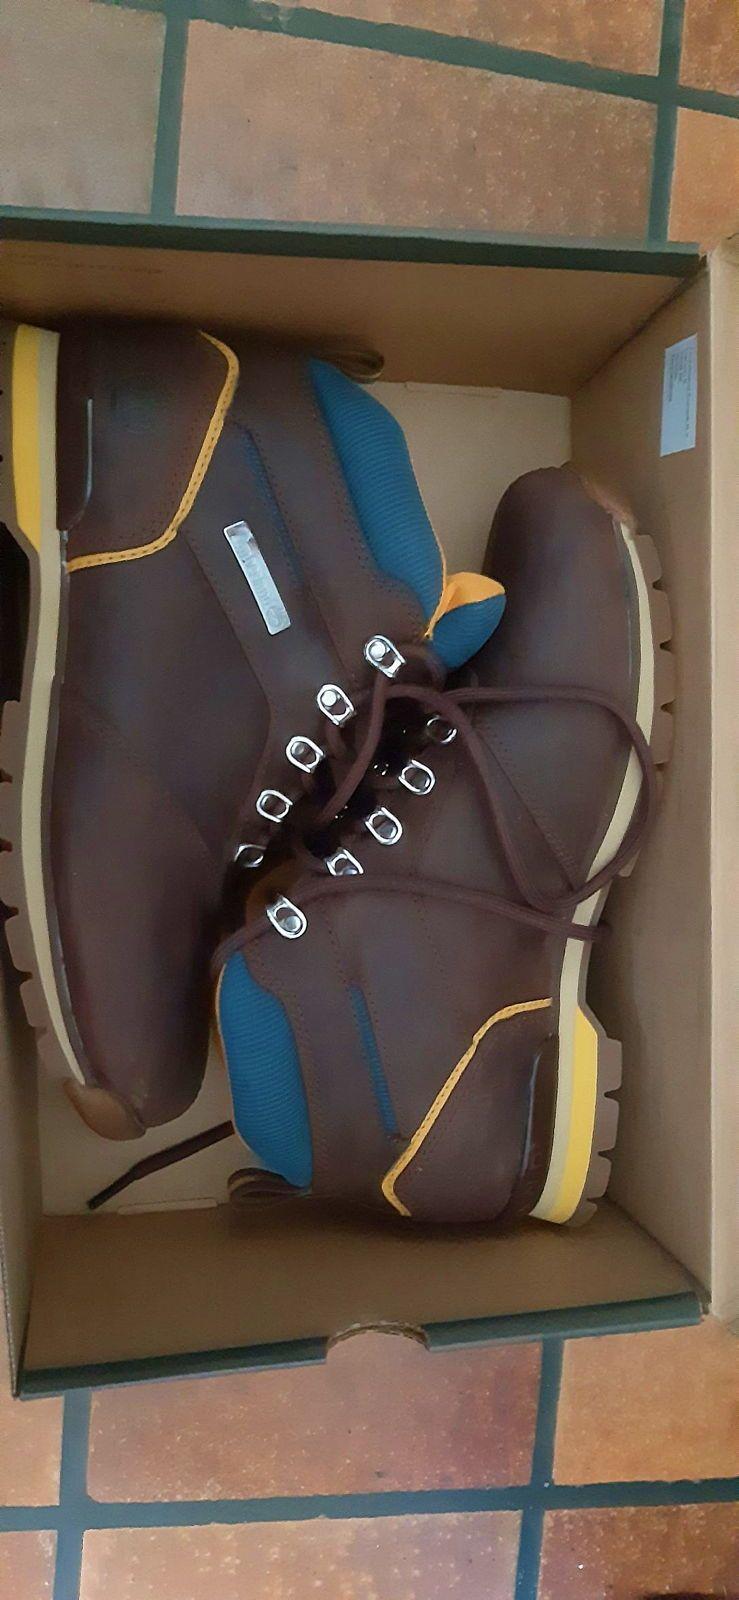 Chaussures de randonnée - pointure 43